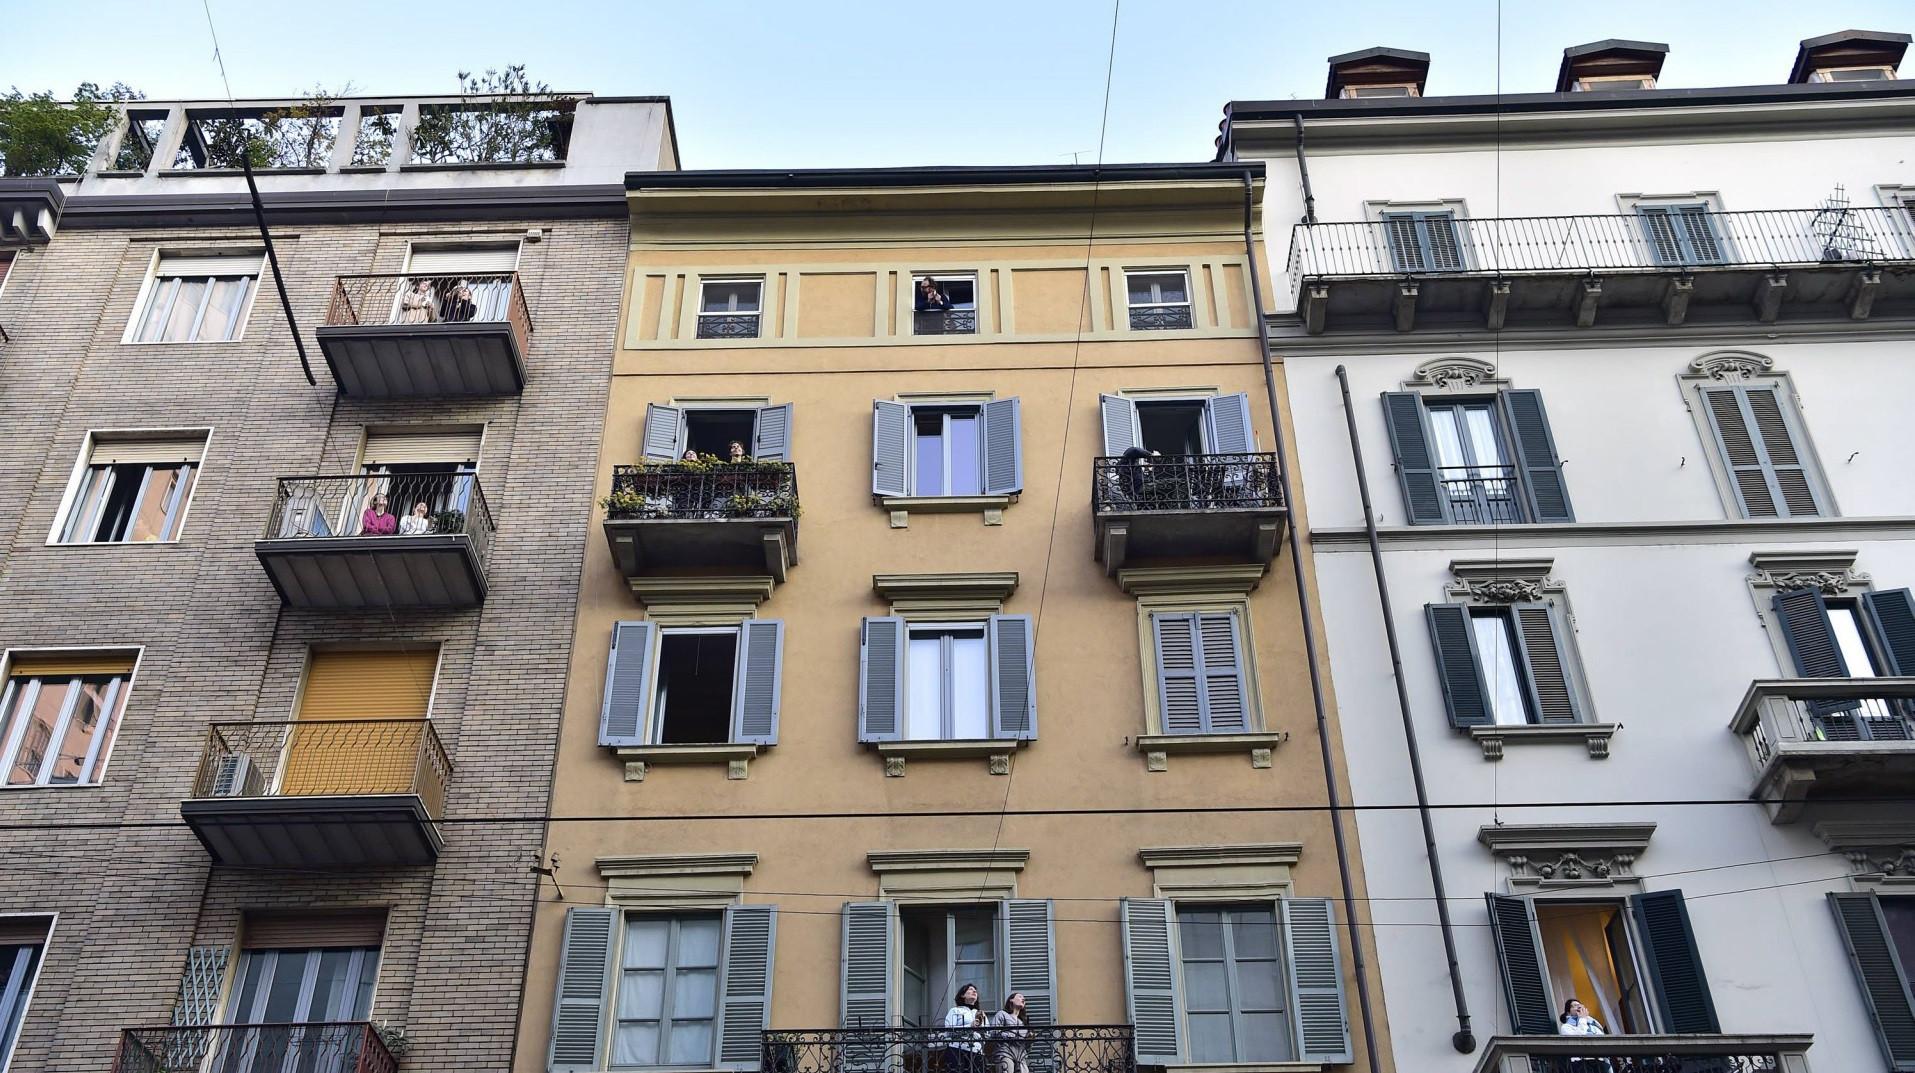 """Bankinter: """"La decisión de comprar casa se pospondrá, desaparecerá demanda y caerá el crédito hipotecario"""""""